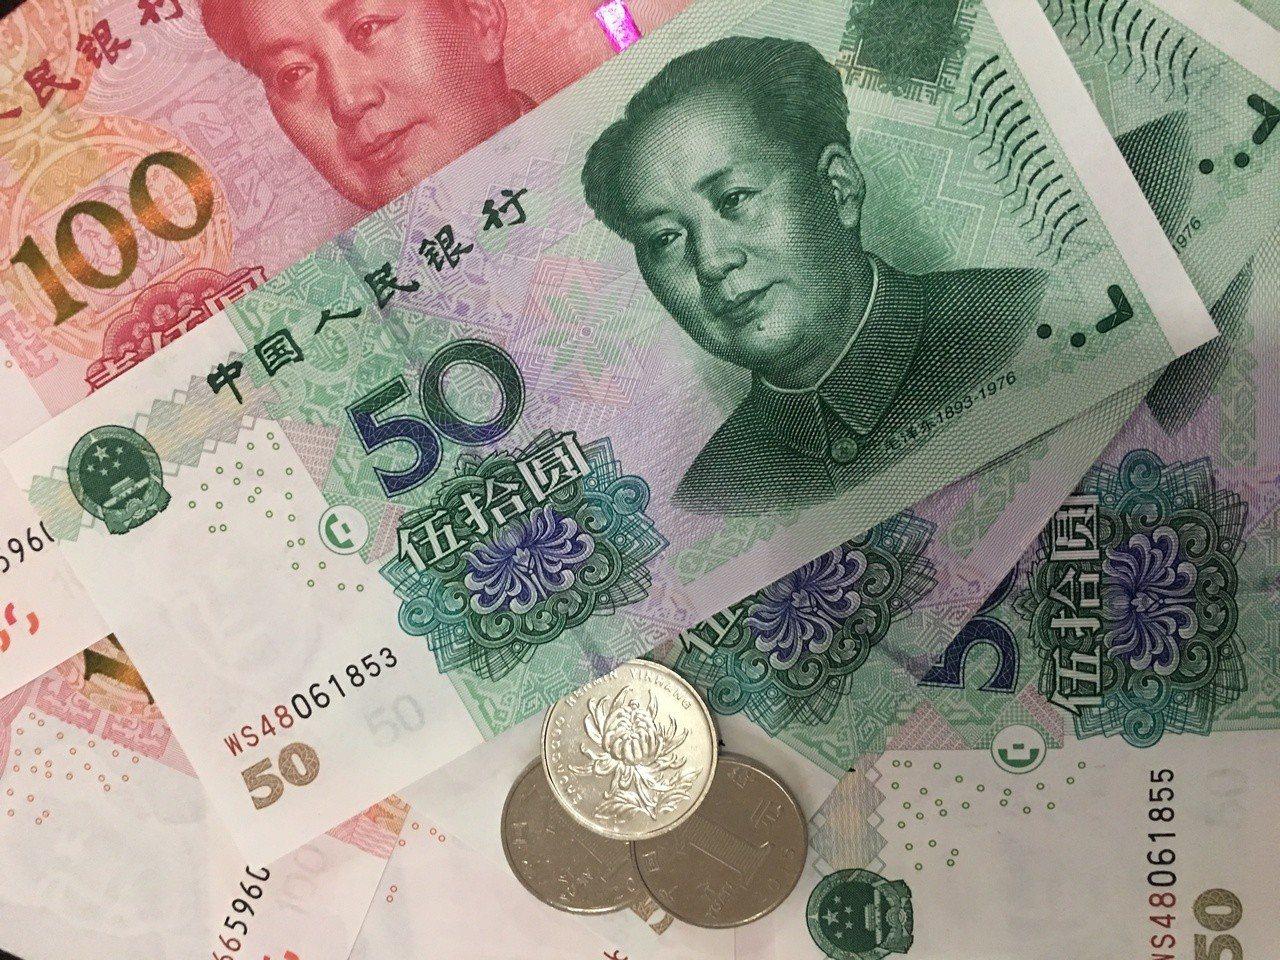 自美中貿易大戰開打以來,人民幣已大幅貶值超過2%。 圖/聯合報系資料照片